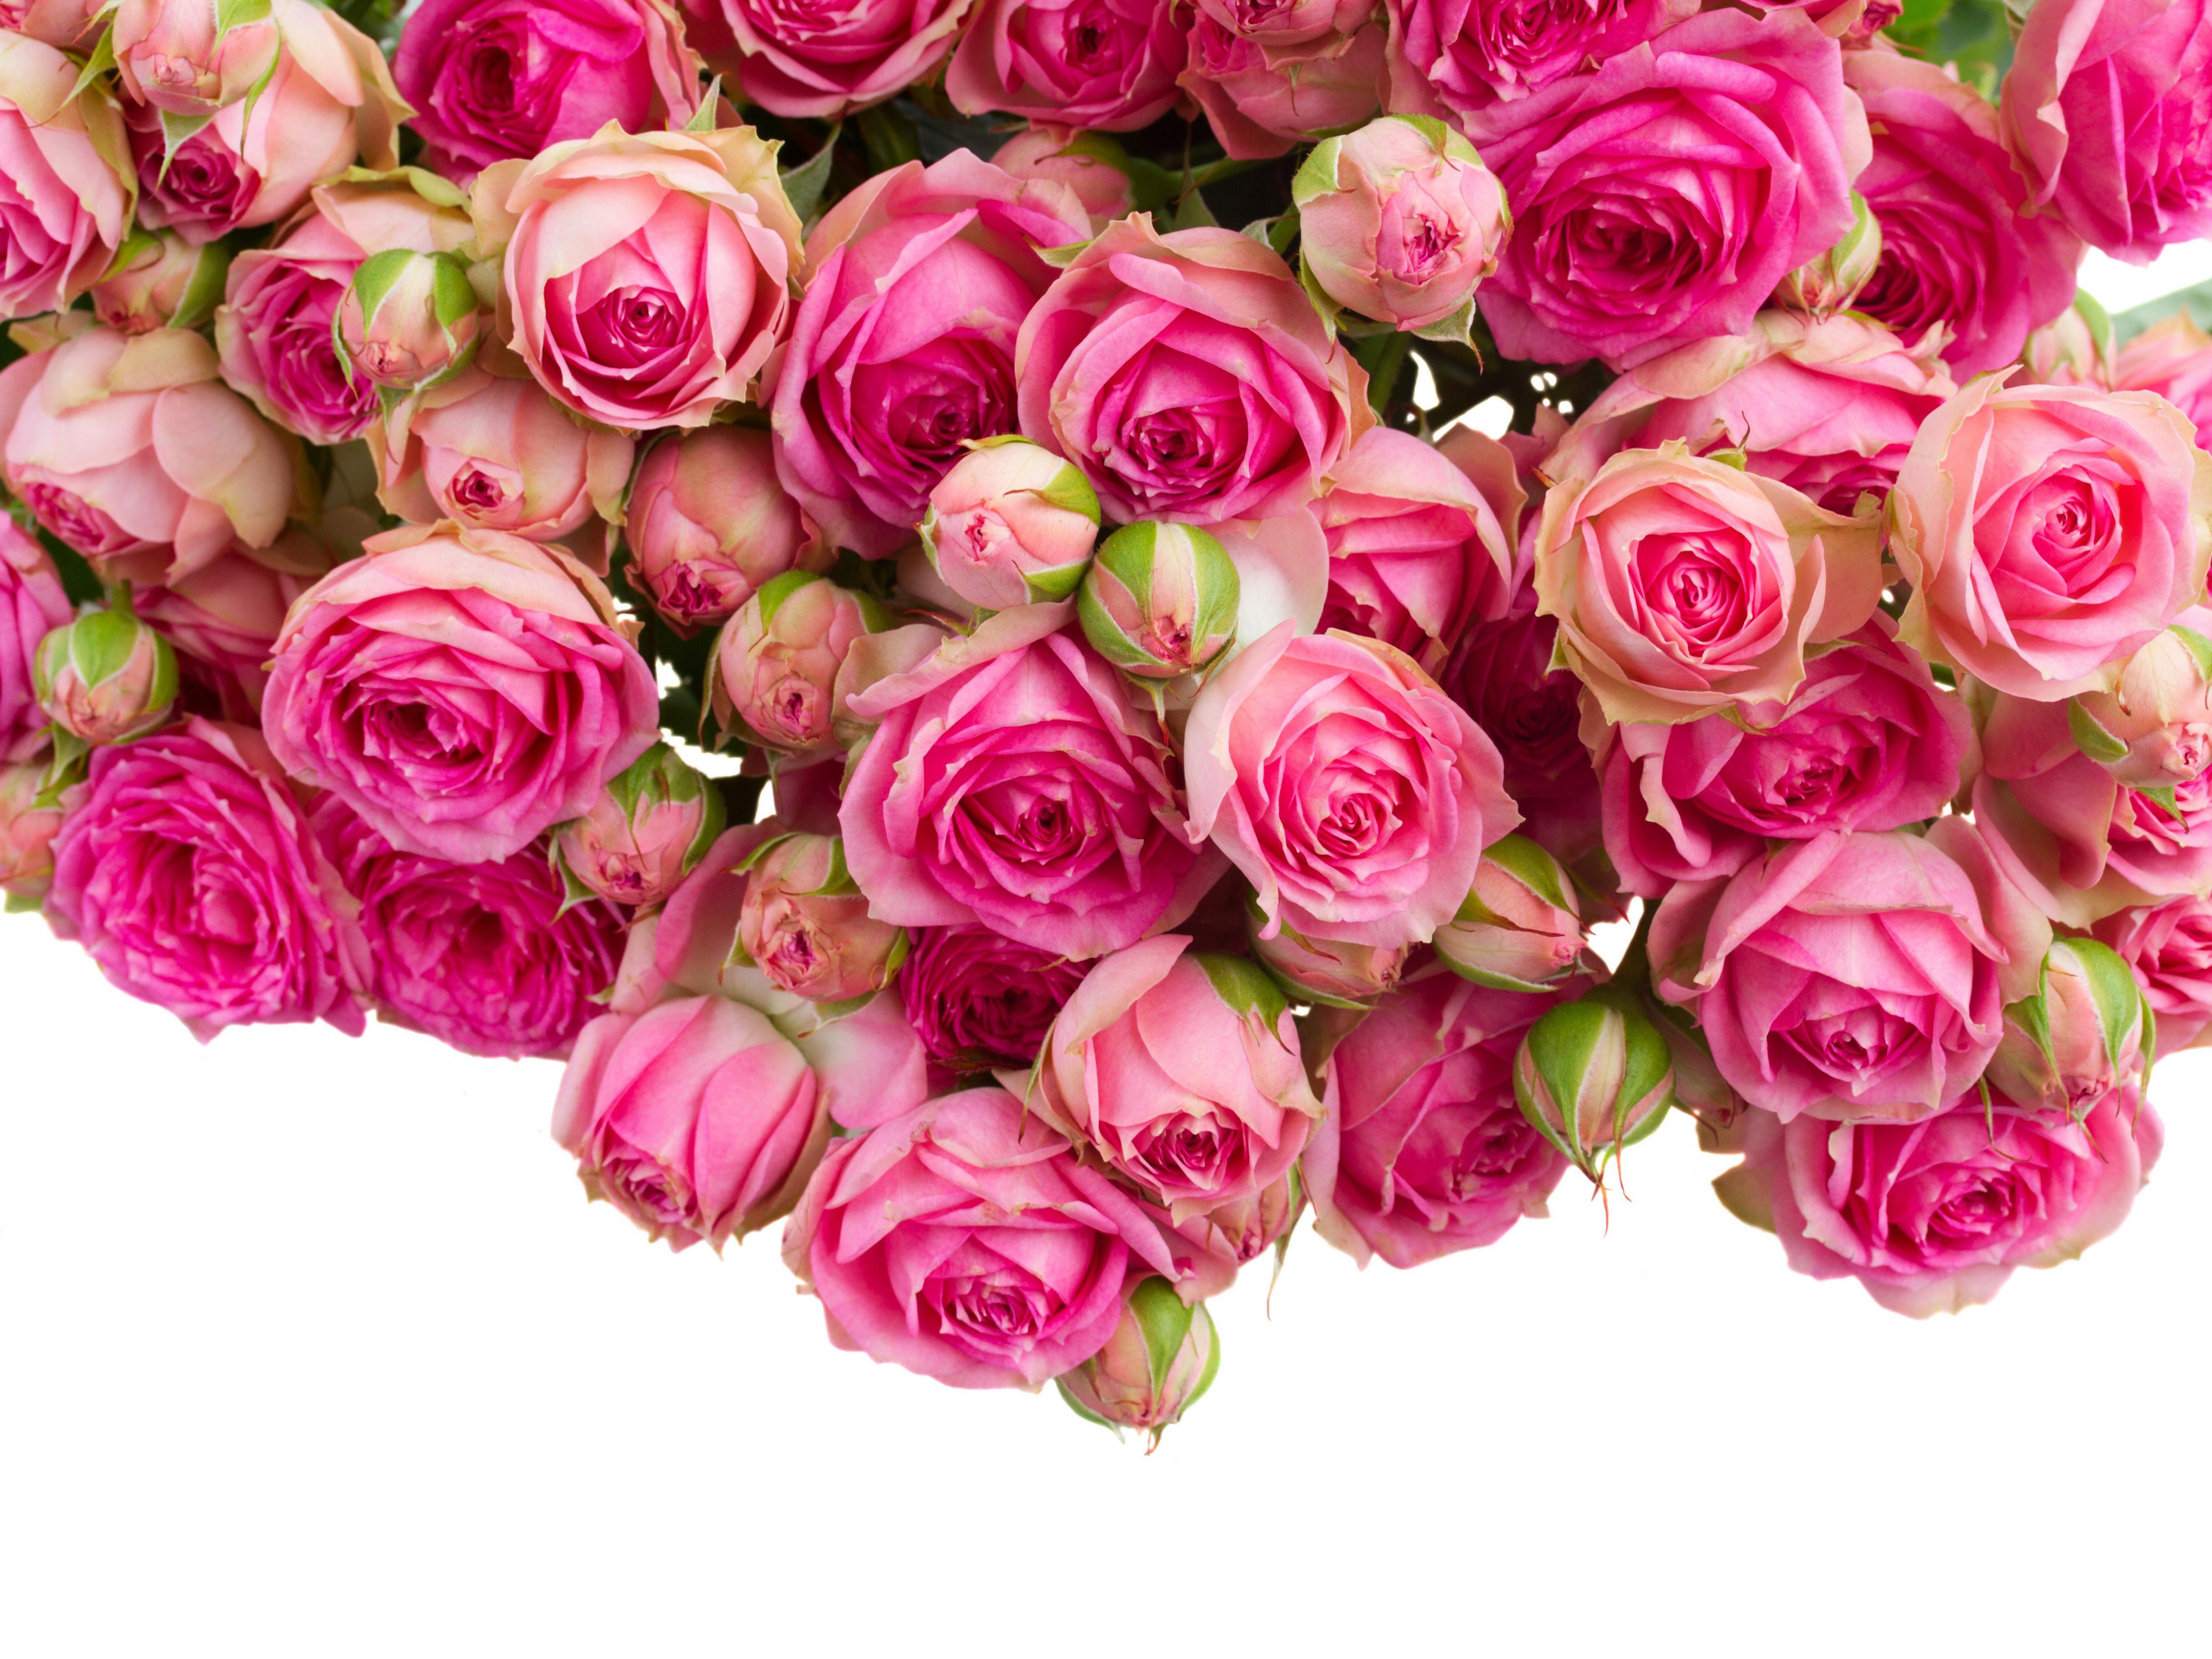 Фотография Розы розовых Цветы Много Бутон роза розовая розовые Розовый цветок